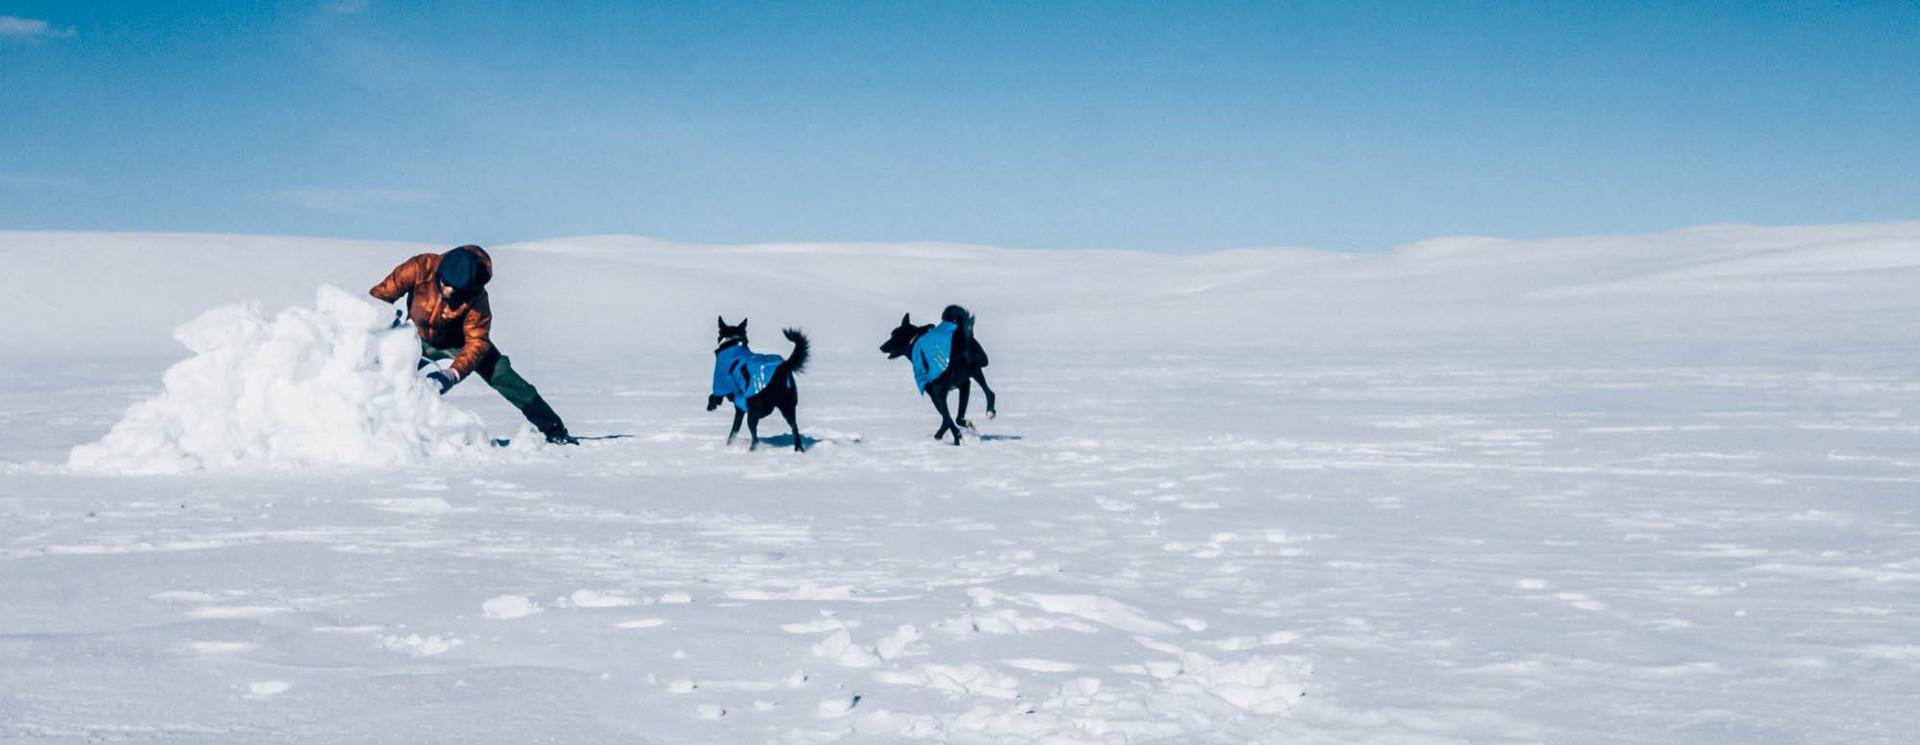 Booties voor sneeuw